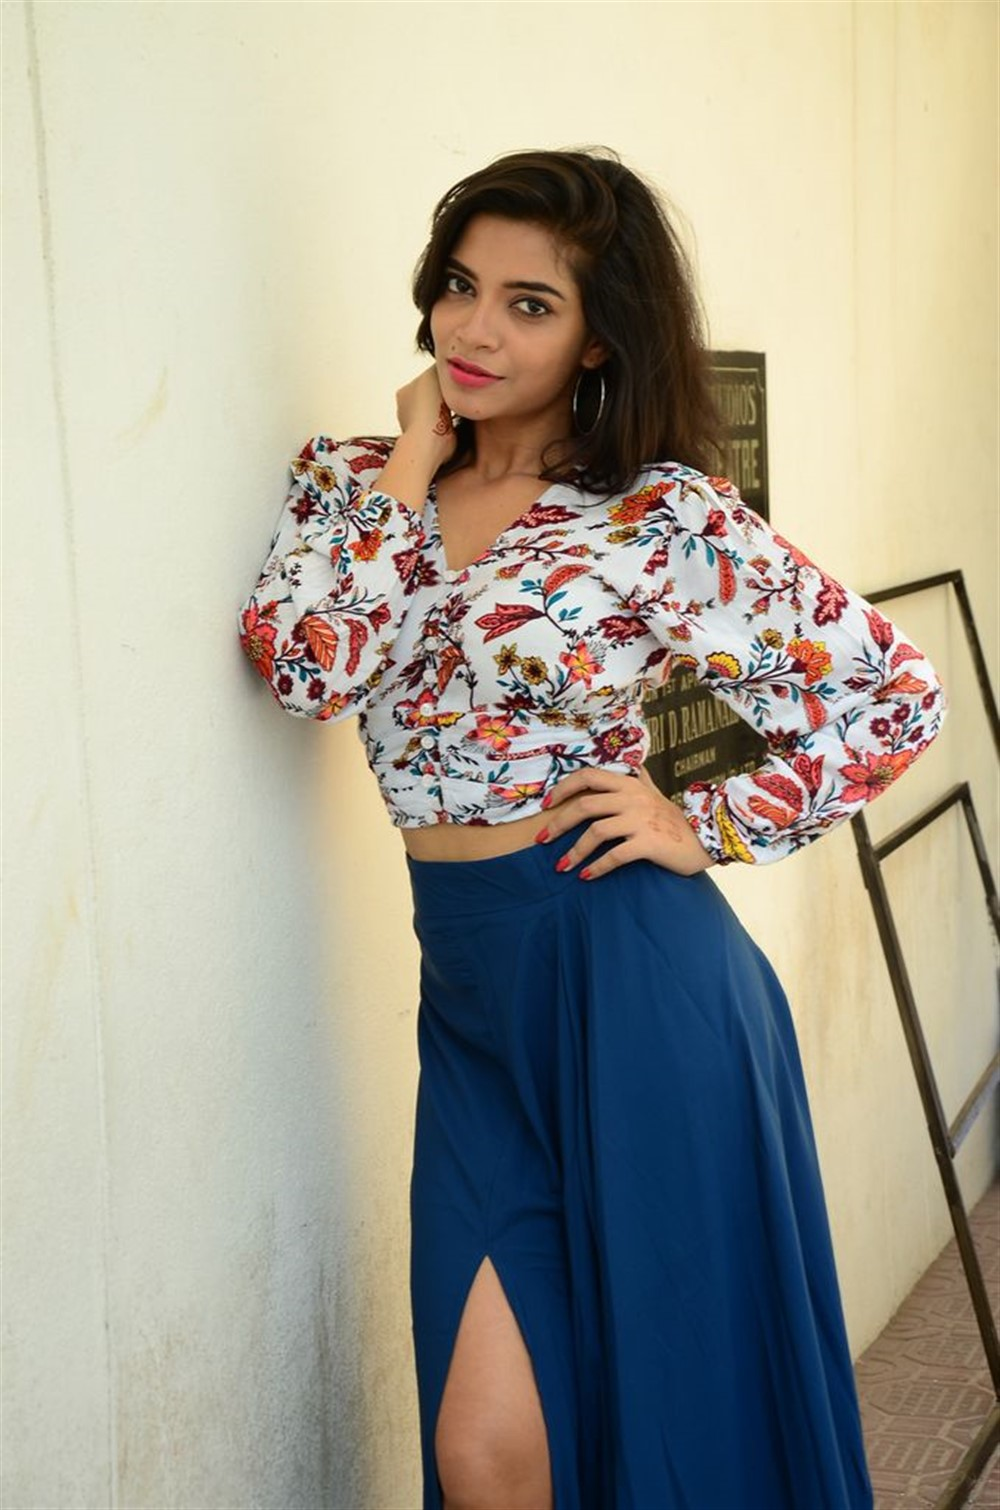 Actress Prashanthi Photos @ Falaknuma Das Trailer Launch